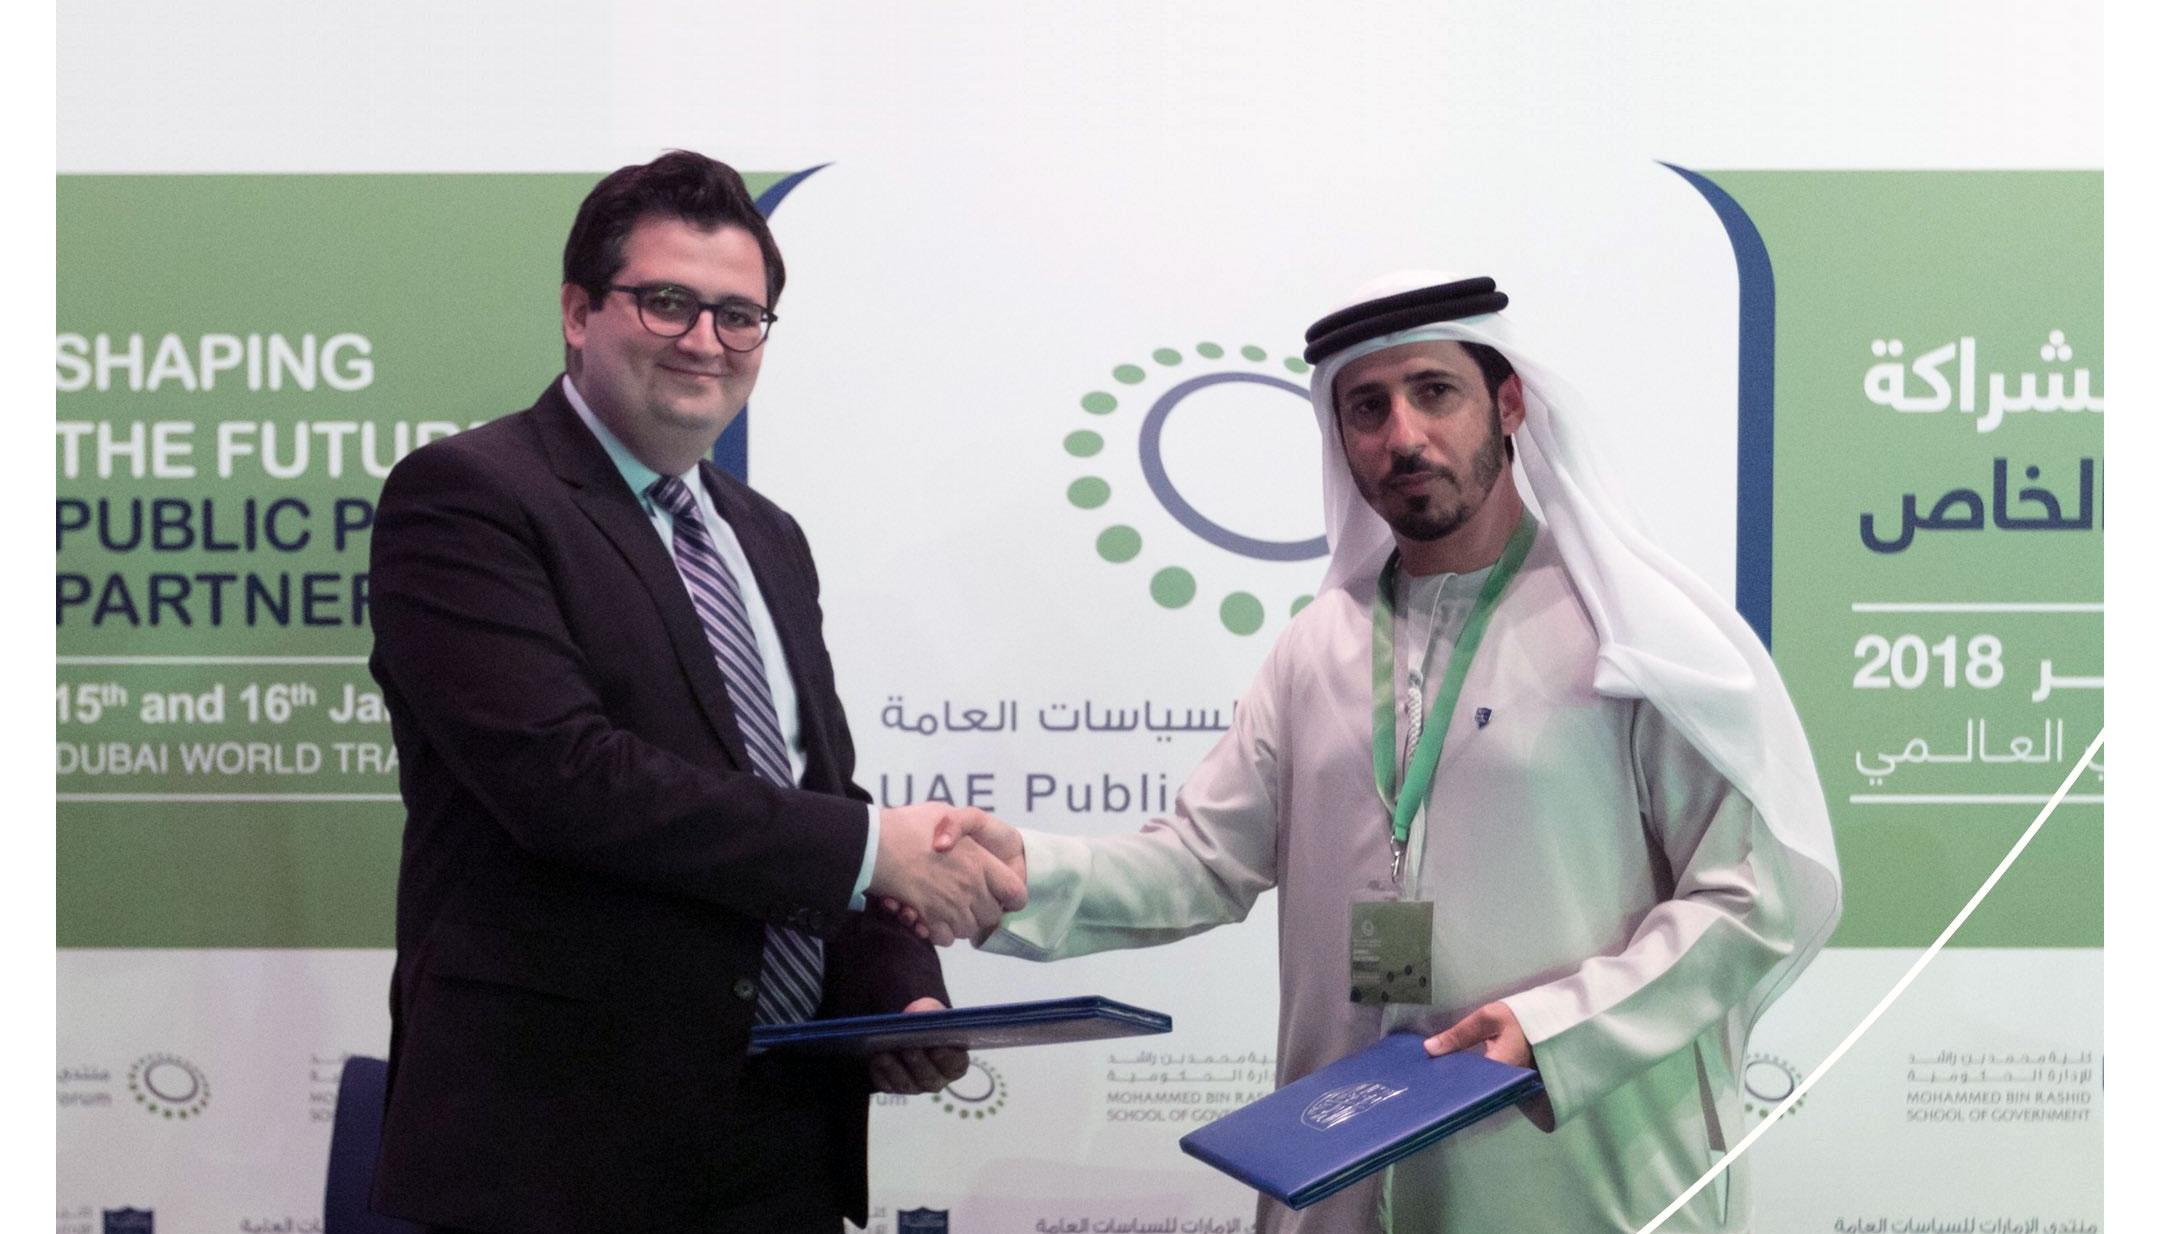 كلية محمد بن راشد للإدارة الحكومية وهيكل ميديا توقعان اتفاقية لإطلاق مجلة دبي للسياسات